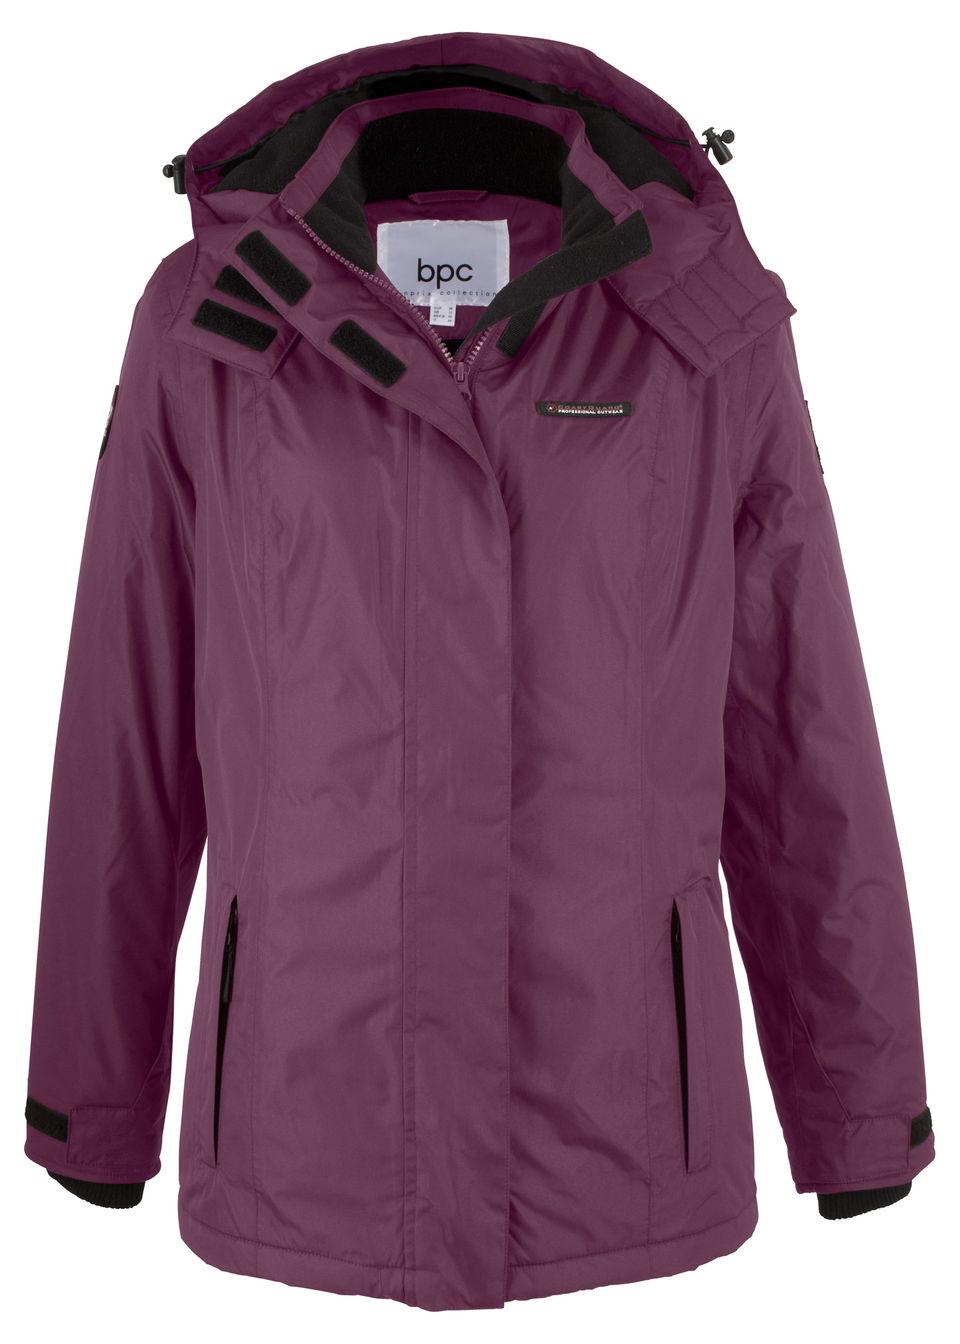 Купить Куртки и плащи, Куртка для активного отдыха, bonprix, цвет бузины